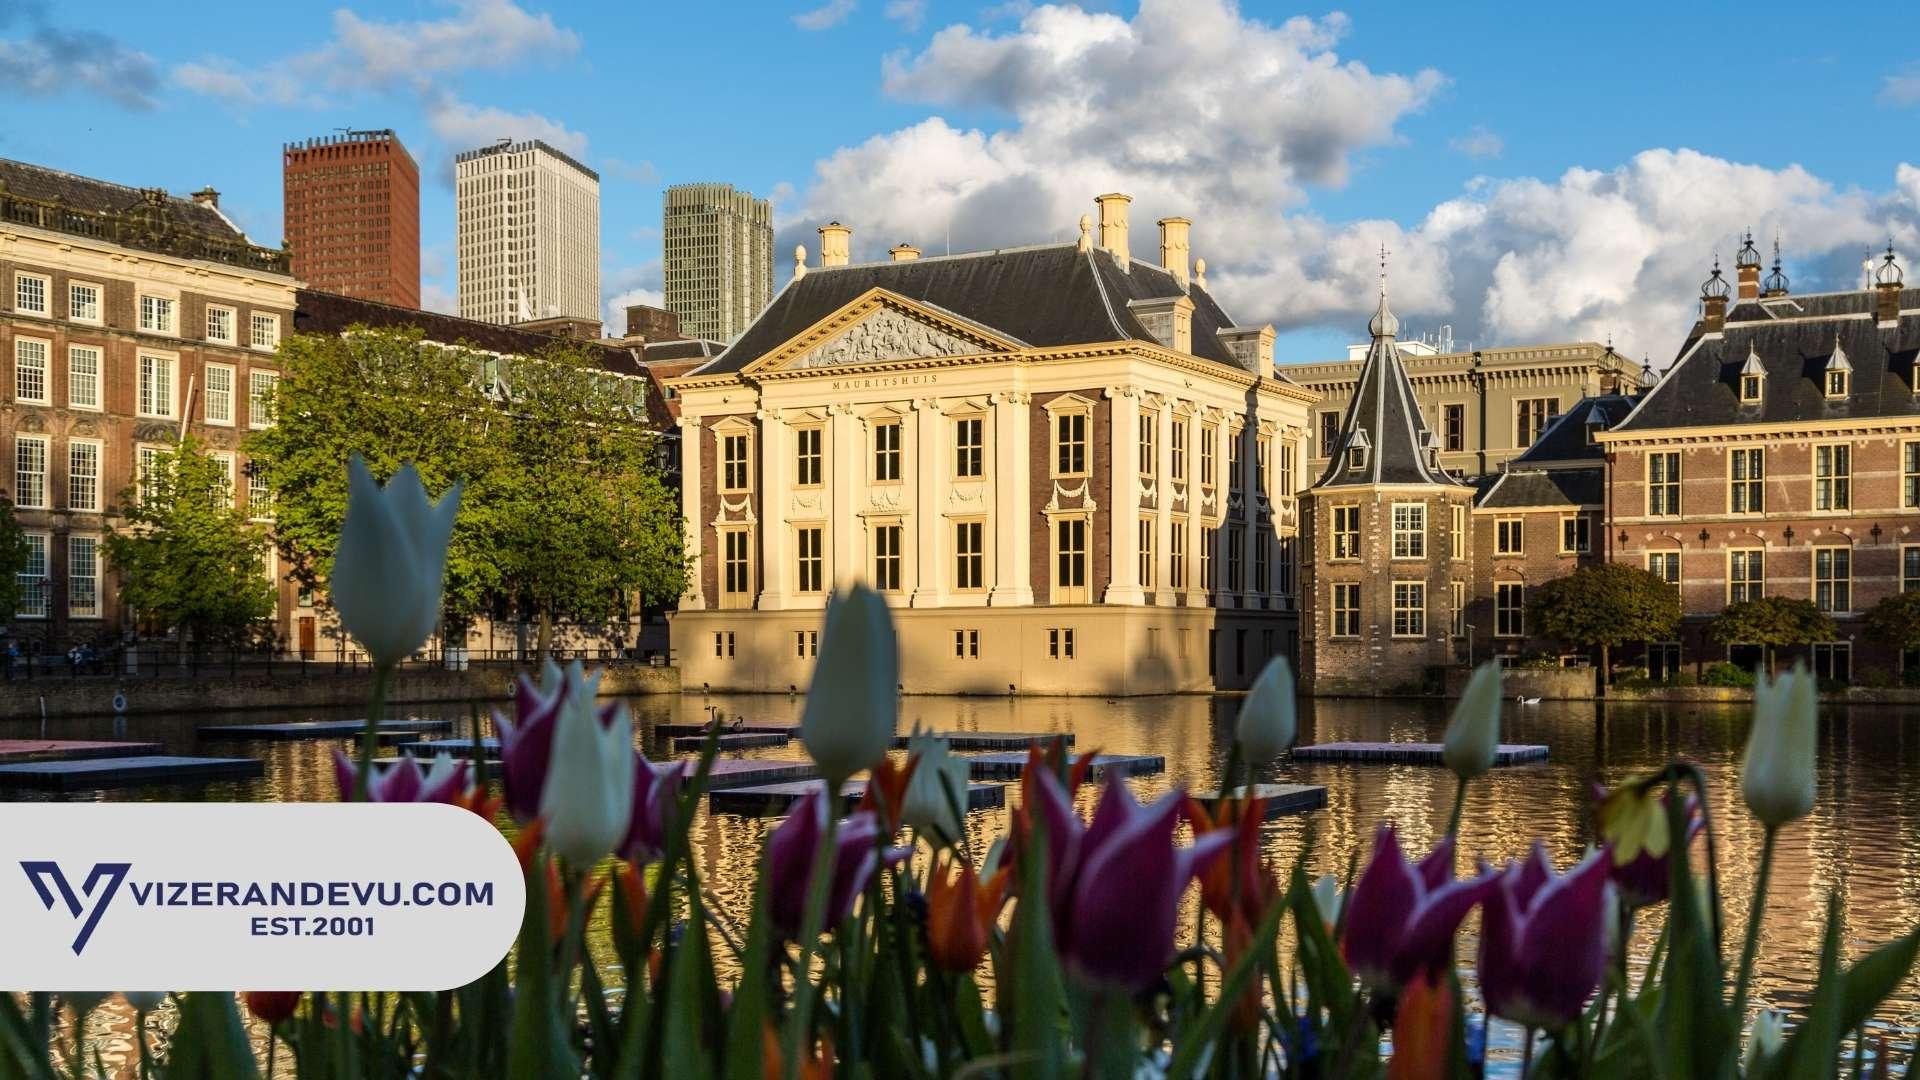 Hollanda Vize Bedelinin Ödenmesi